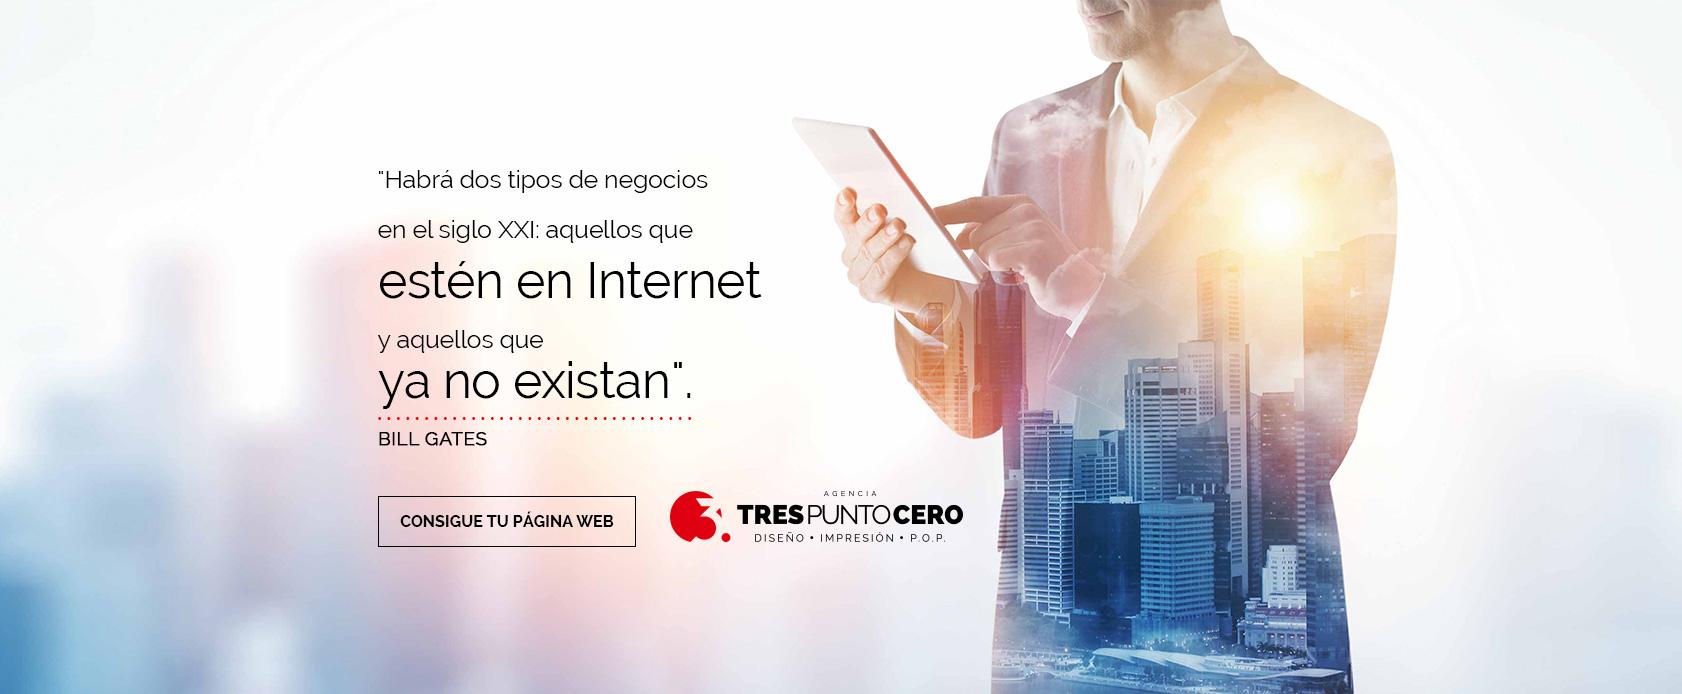 banner-2-publicidad-impresion-diseno-web-agencia-creatividad